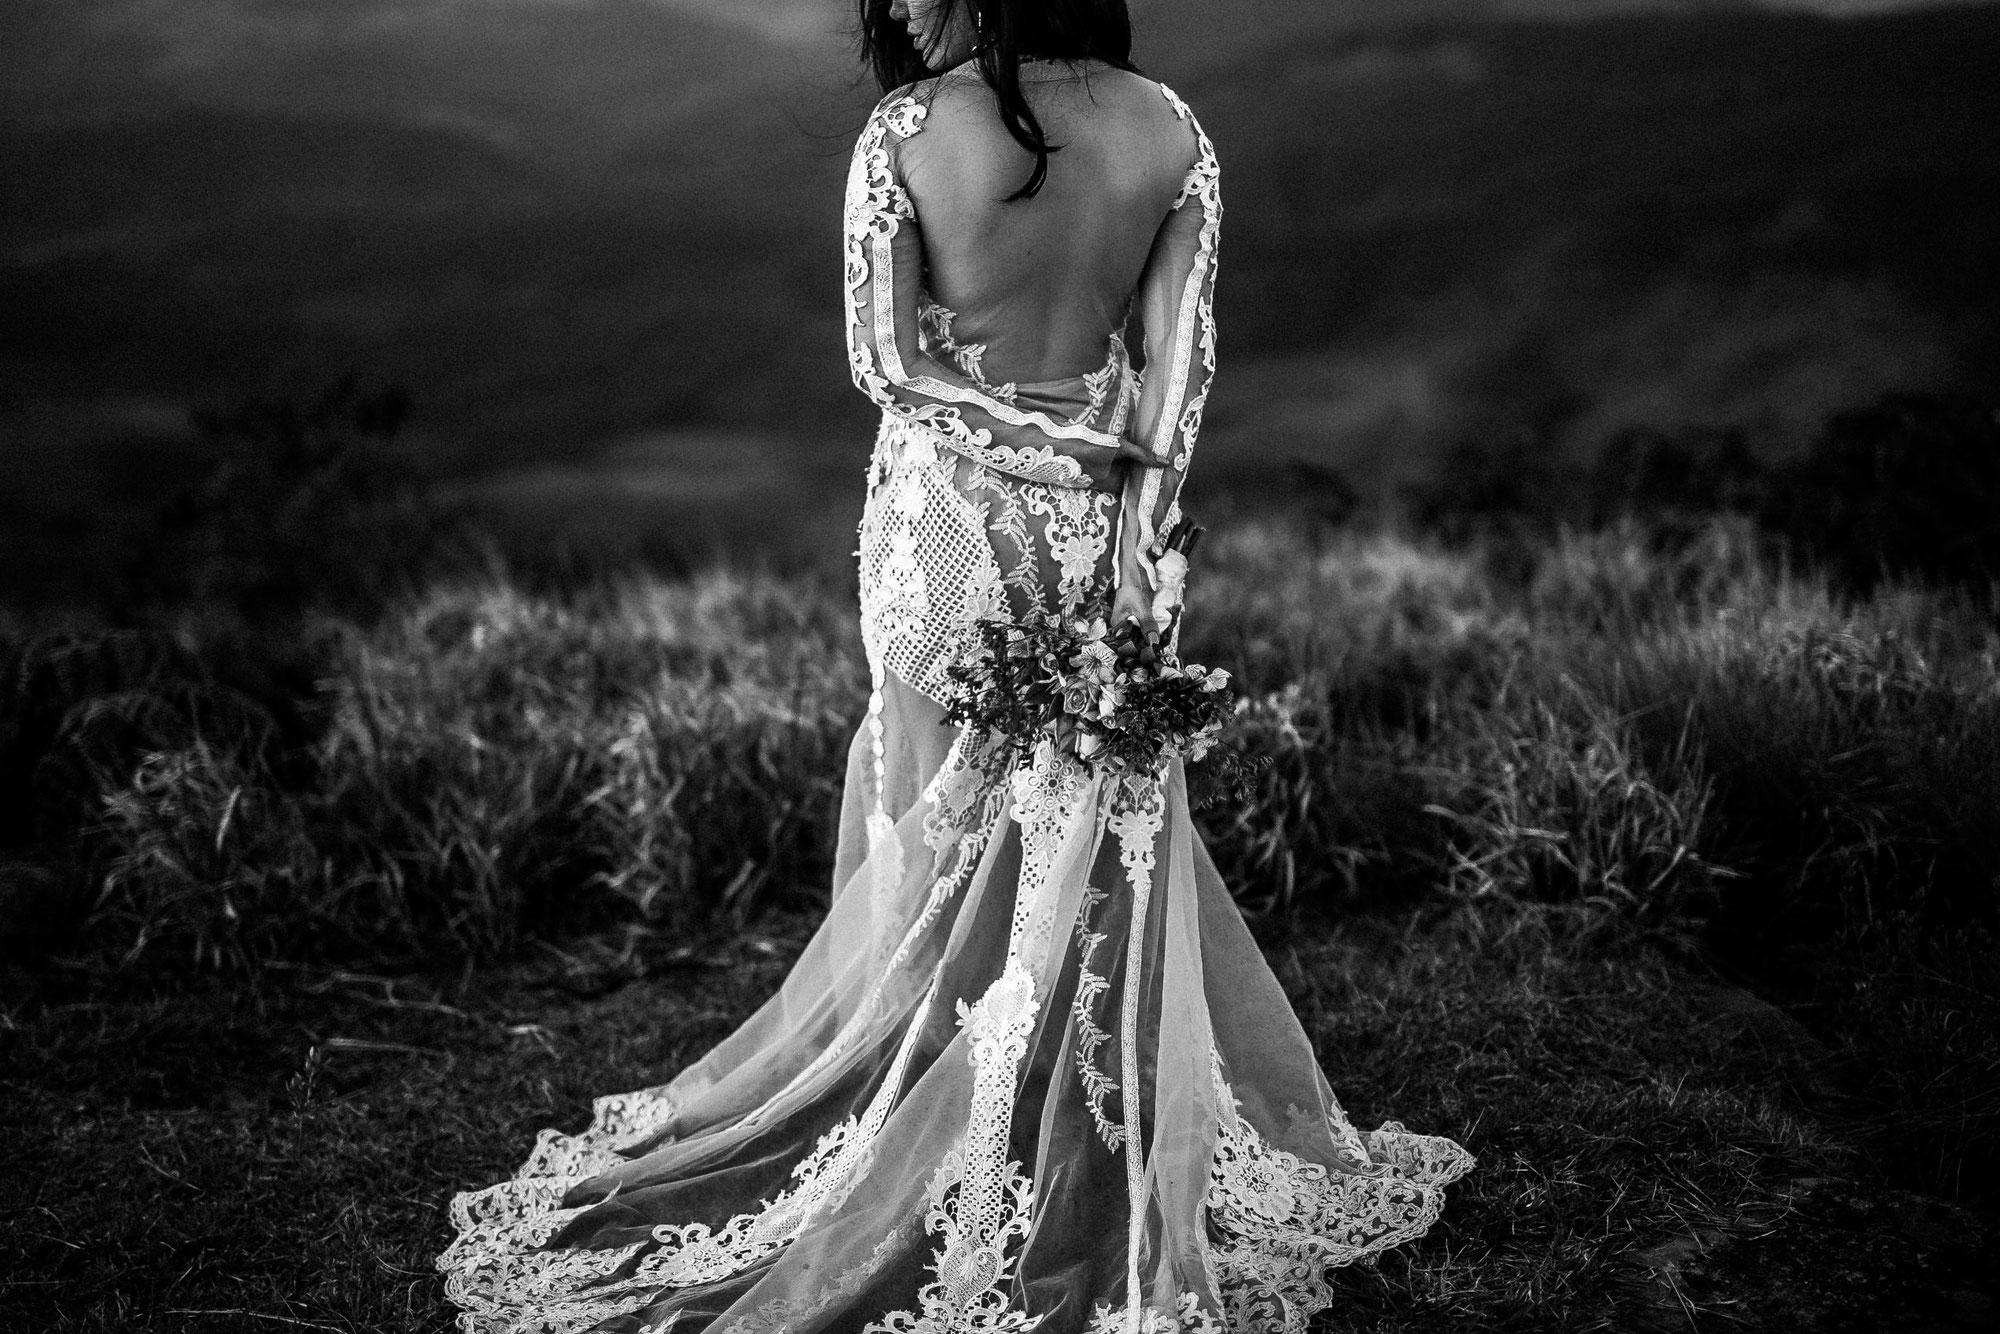 Brautkleid kaufen - 10 Tipps, wie du dein Brautkleid findest.